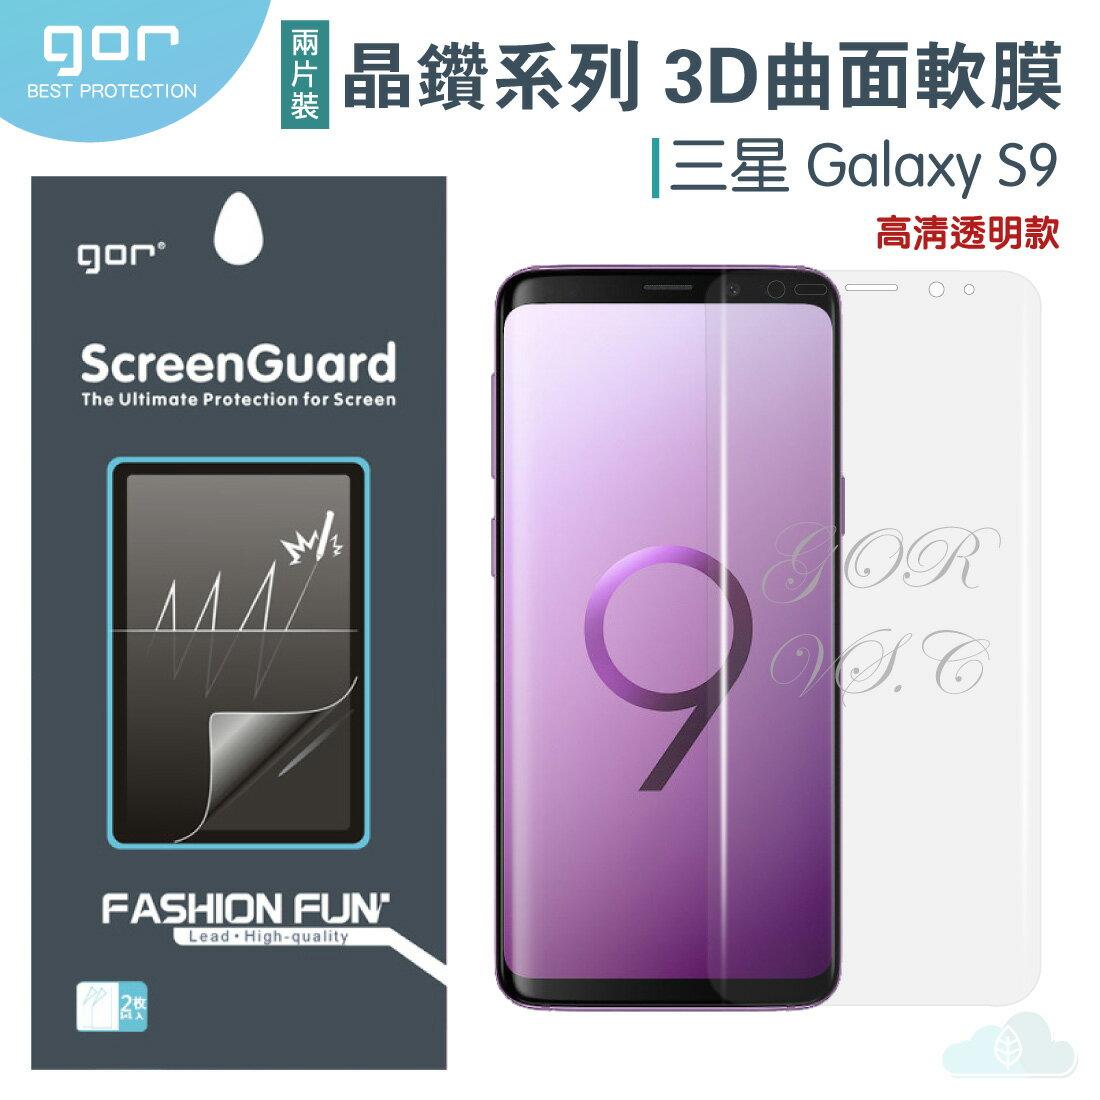 GOR 晶鑽系列 三星Samsung S9 3D曲面 滿版透明軟膜 保護貼 另售 鏡頭膜 空壓殼 滿299免運